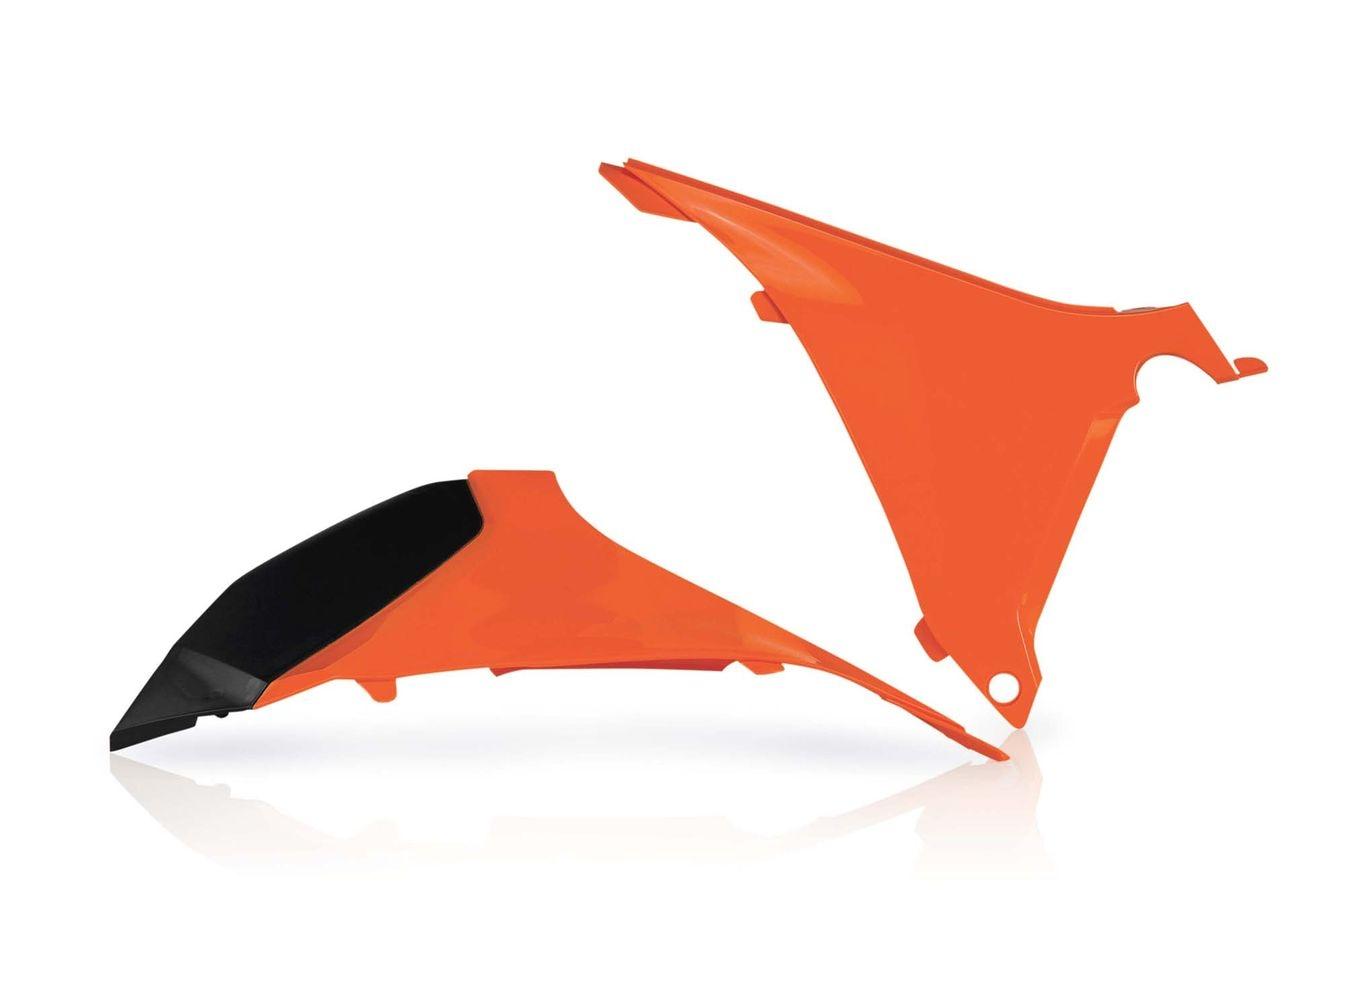 Cache de boîte à air Acerbis KTM 125/150 SX 2011 orange